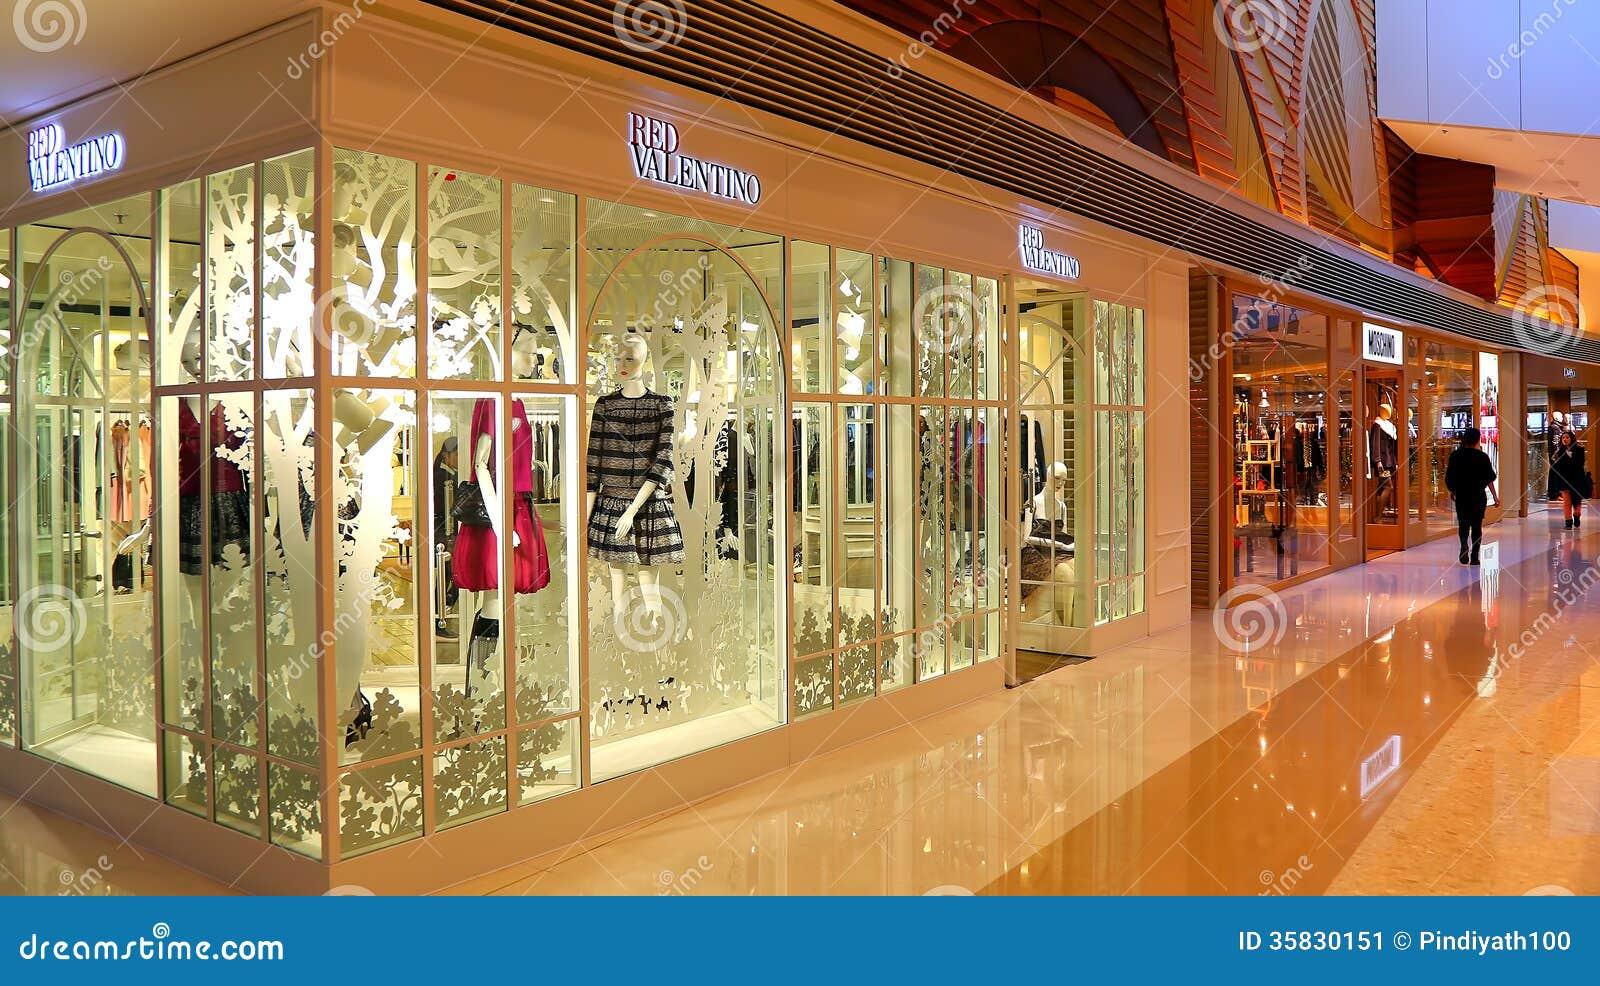 Votre boutique en ligne est très agréable à s'y promener et les produits sont magnifiques. Bonne chance dans votre beau projet de faire découvrir les produits d'ici! Répondre. John dit: .